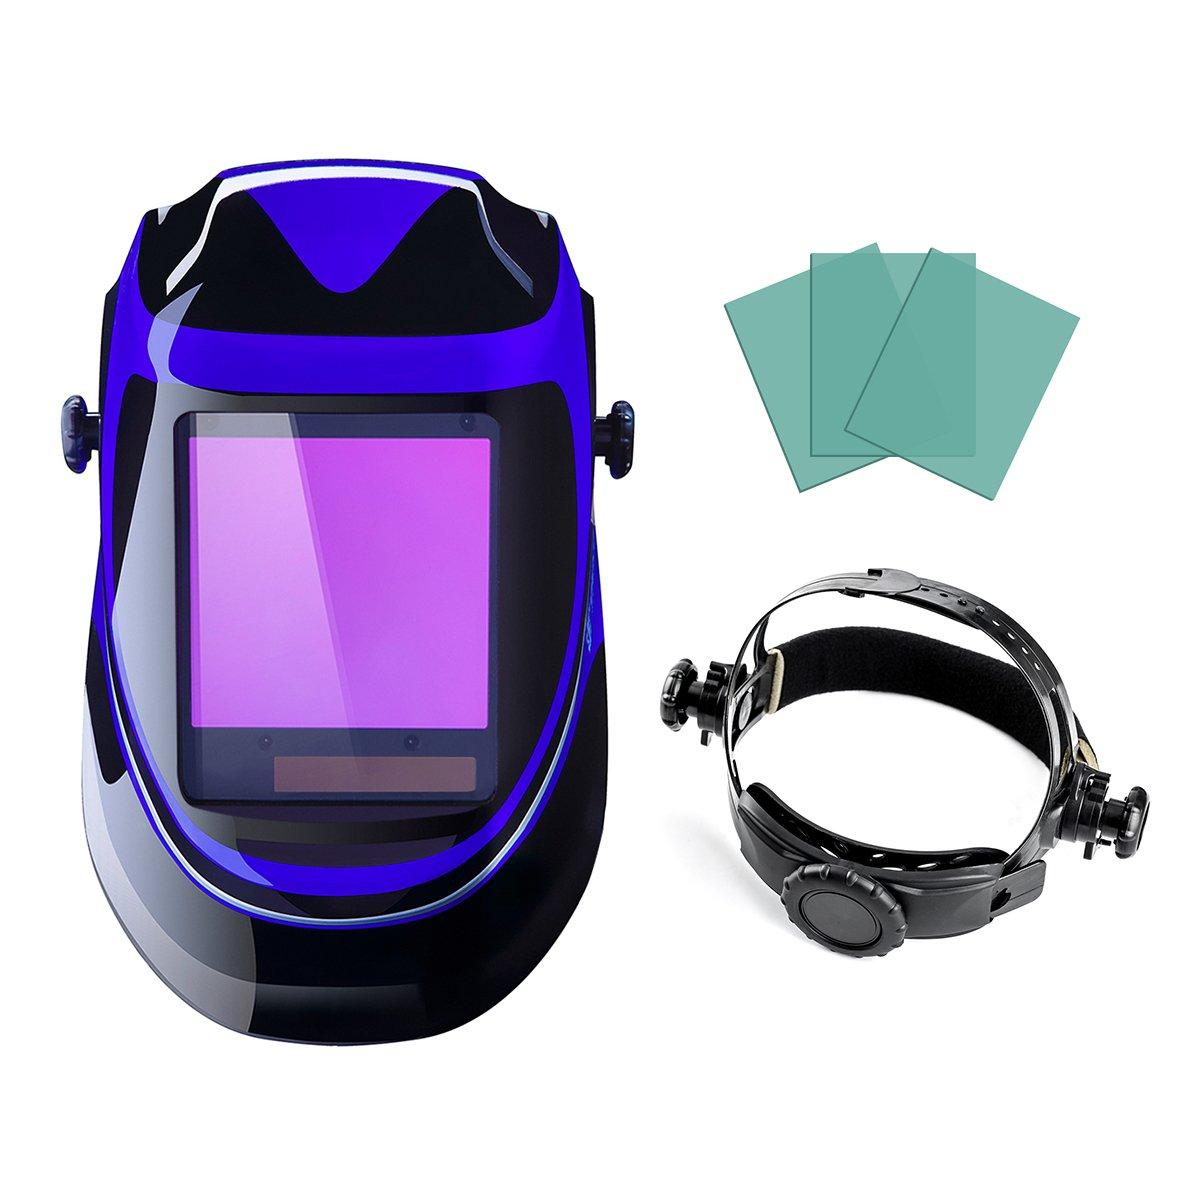 Casco de soldadura con energía solar para oscurecimiento automático, parasol profesional con lente amplia, rango de pantalla ajustable 4/9-13 para Mig Tig ...